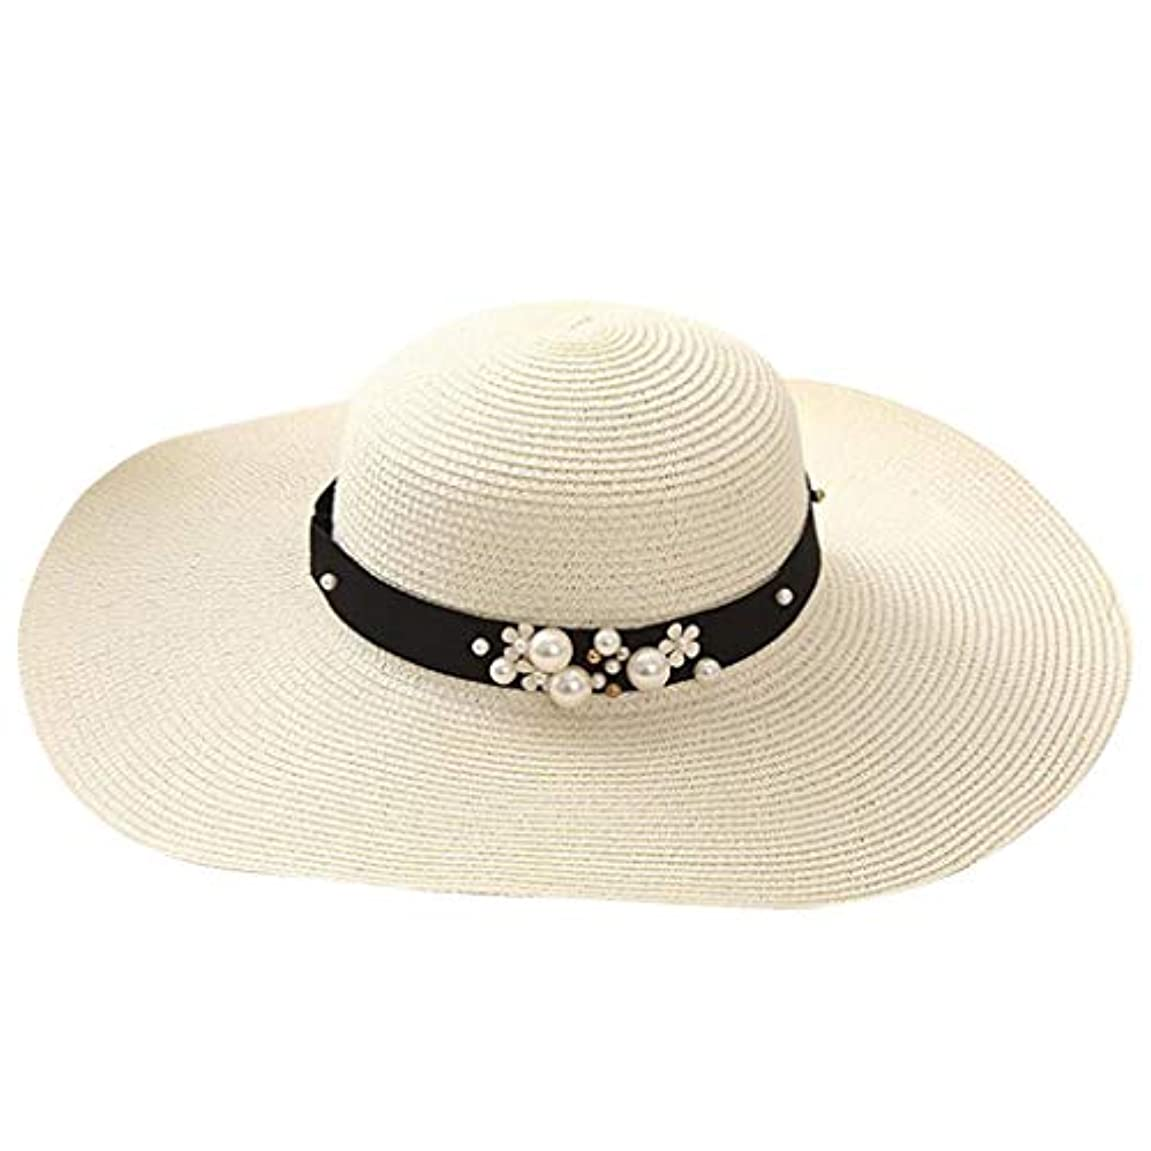 言い訳活力動機付ける漁師の帽子 ROSE ROMAN UVカット 帽子 帽子 レディース 麦わら帽子 UV帽子 紫外線対策 通気性 取り外すあご紐 サイズ調節可 つば広 おしゃれ 可愛い ハット 旅行用 日よけ 夏季 女優帽 小顔効果抜群